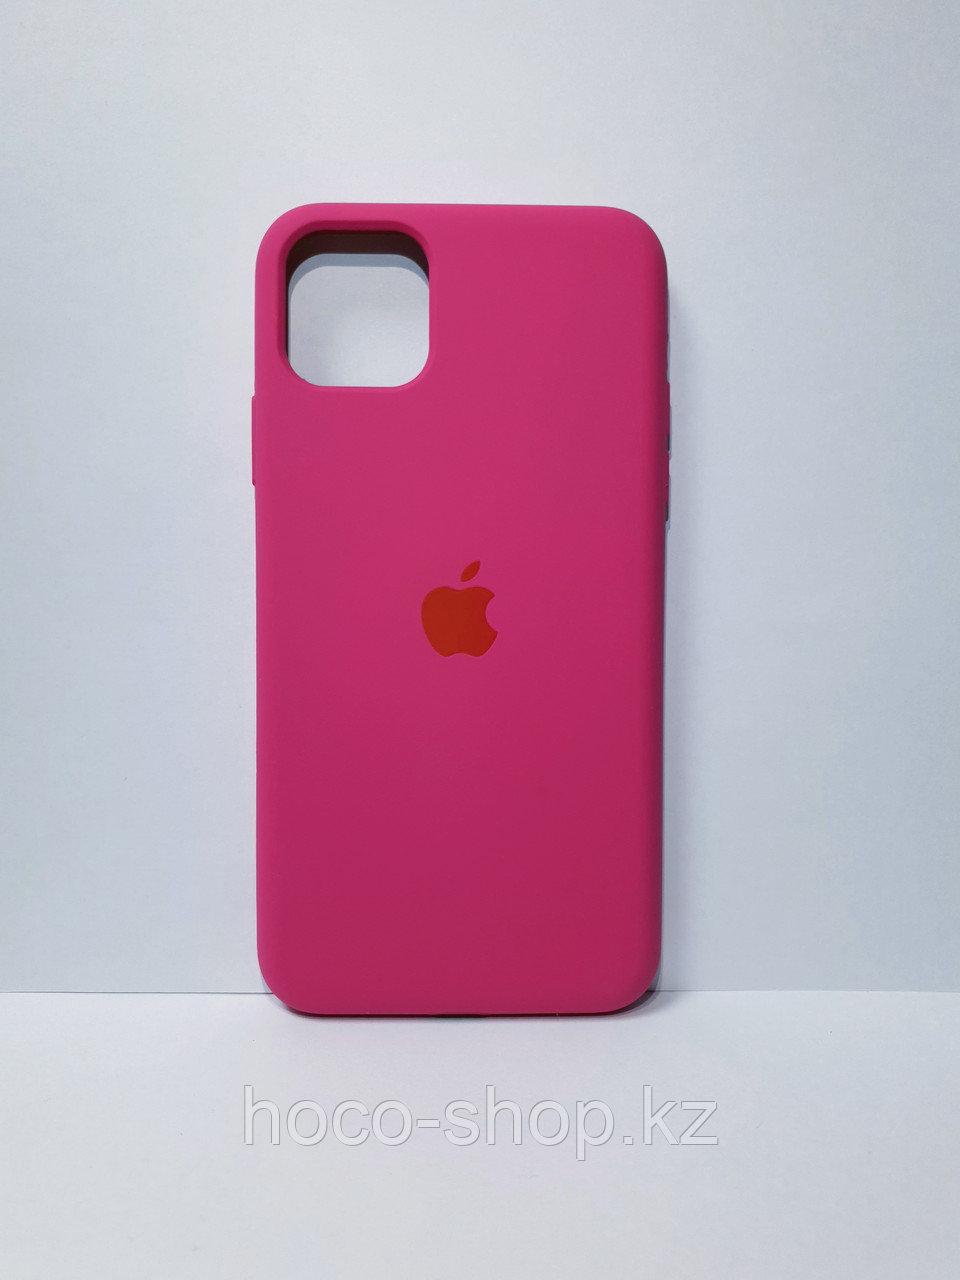 Защитный чехол для iPhone 11 Pro Soft Touch силиконовый, вишневый